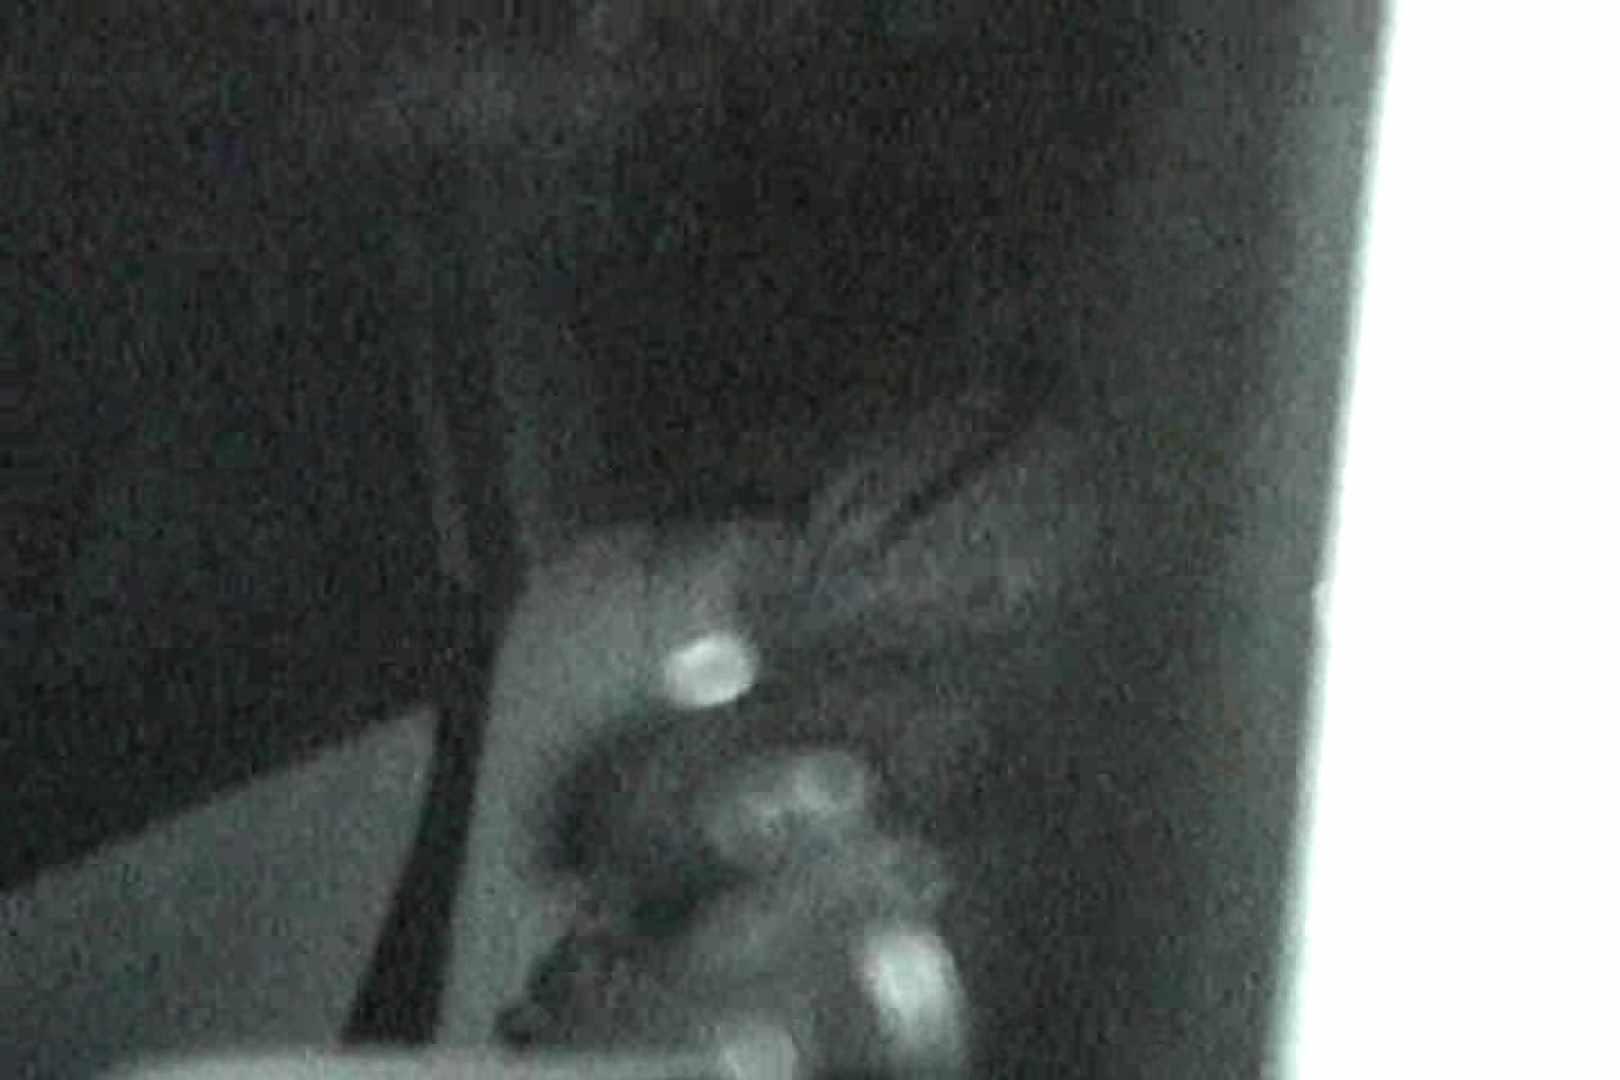 充血監督の深夜の運動会Vol.13 エロティックなOL | エッチなセックス  60画像 59